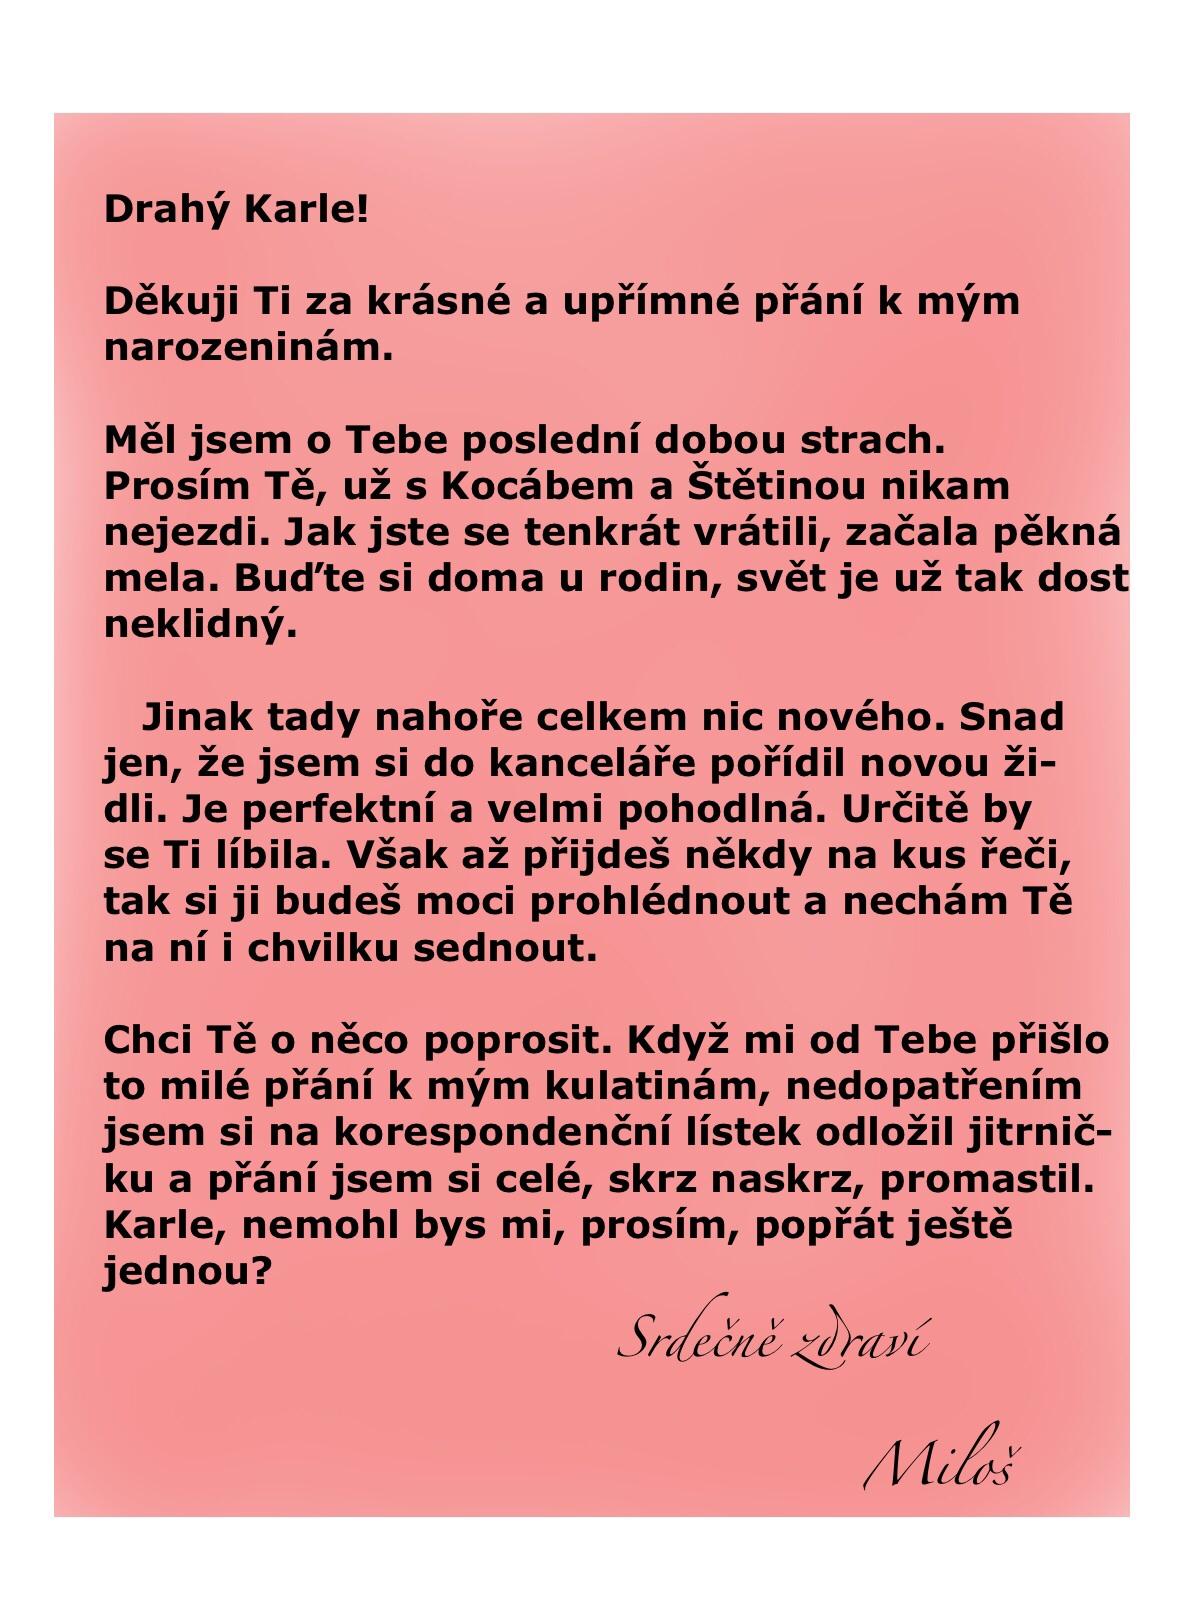 dopis k narozeninám Prezident děkuje Karlovi za přání k narozeninám   Blog iDNES.cz dopis k narozeninám